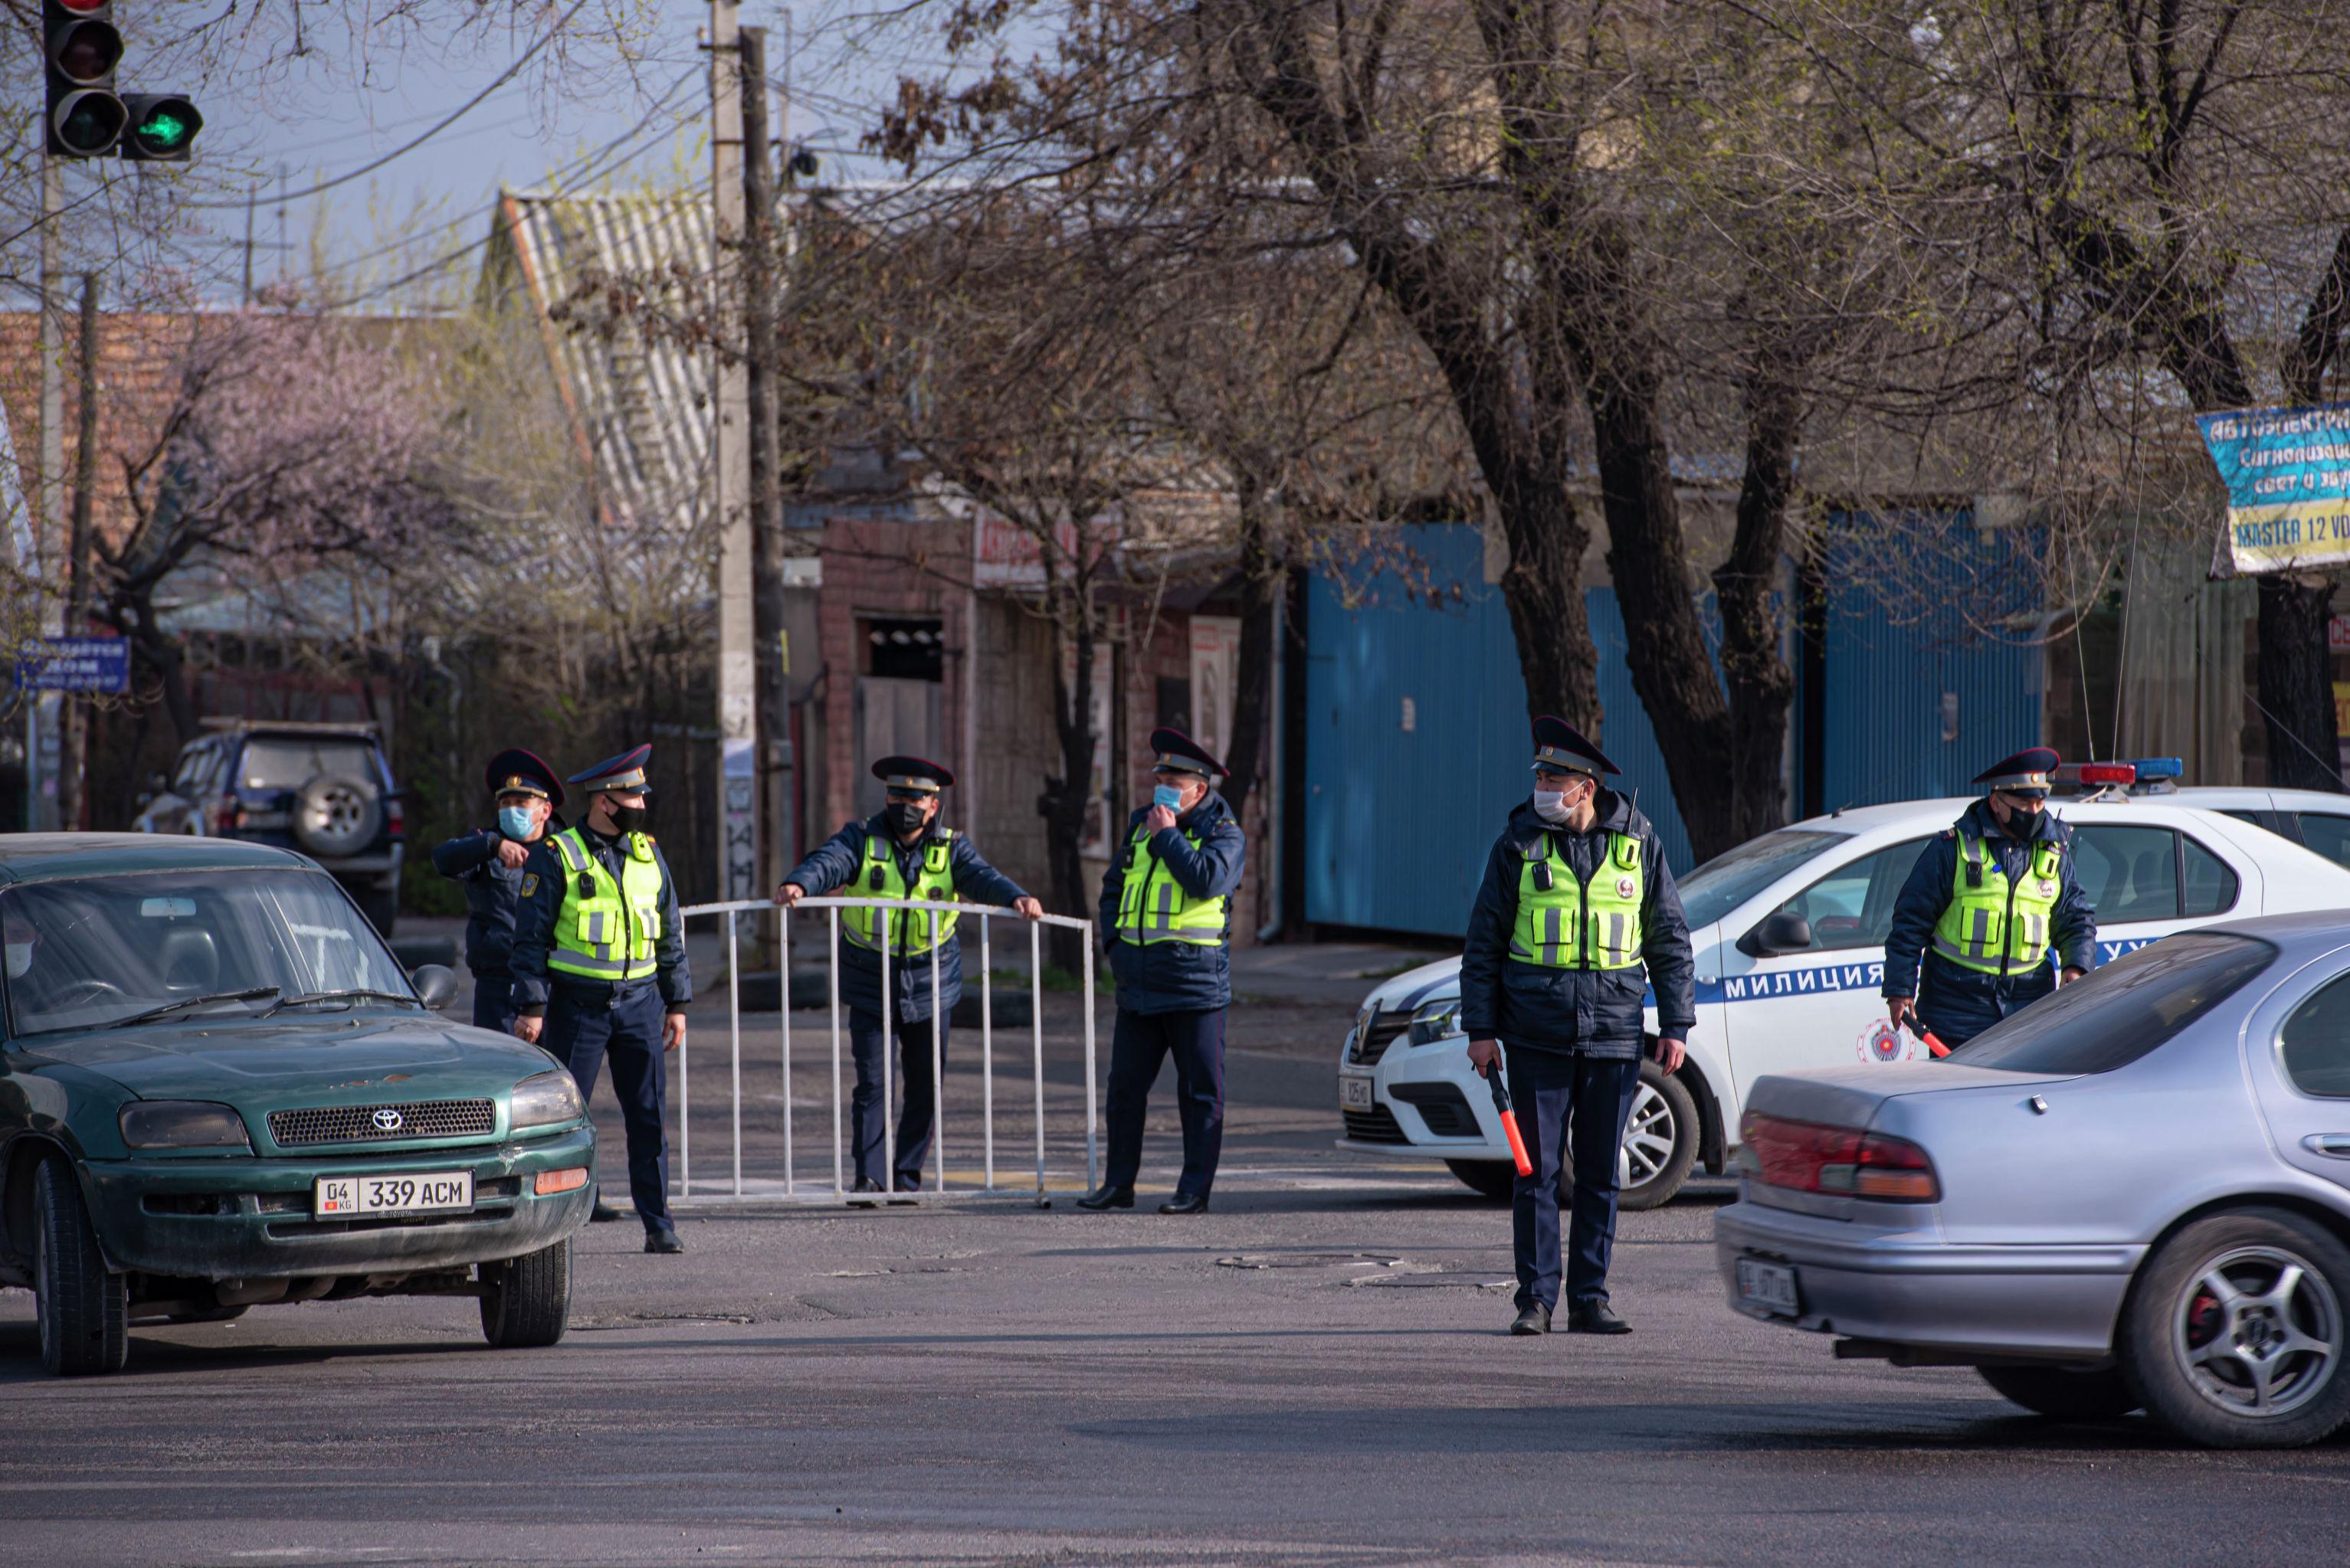 В Бишкеке установили свыше ста блокпостов. Мы отобразили их на интерактивной карте. Синим выделены новые блокпосты.